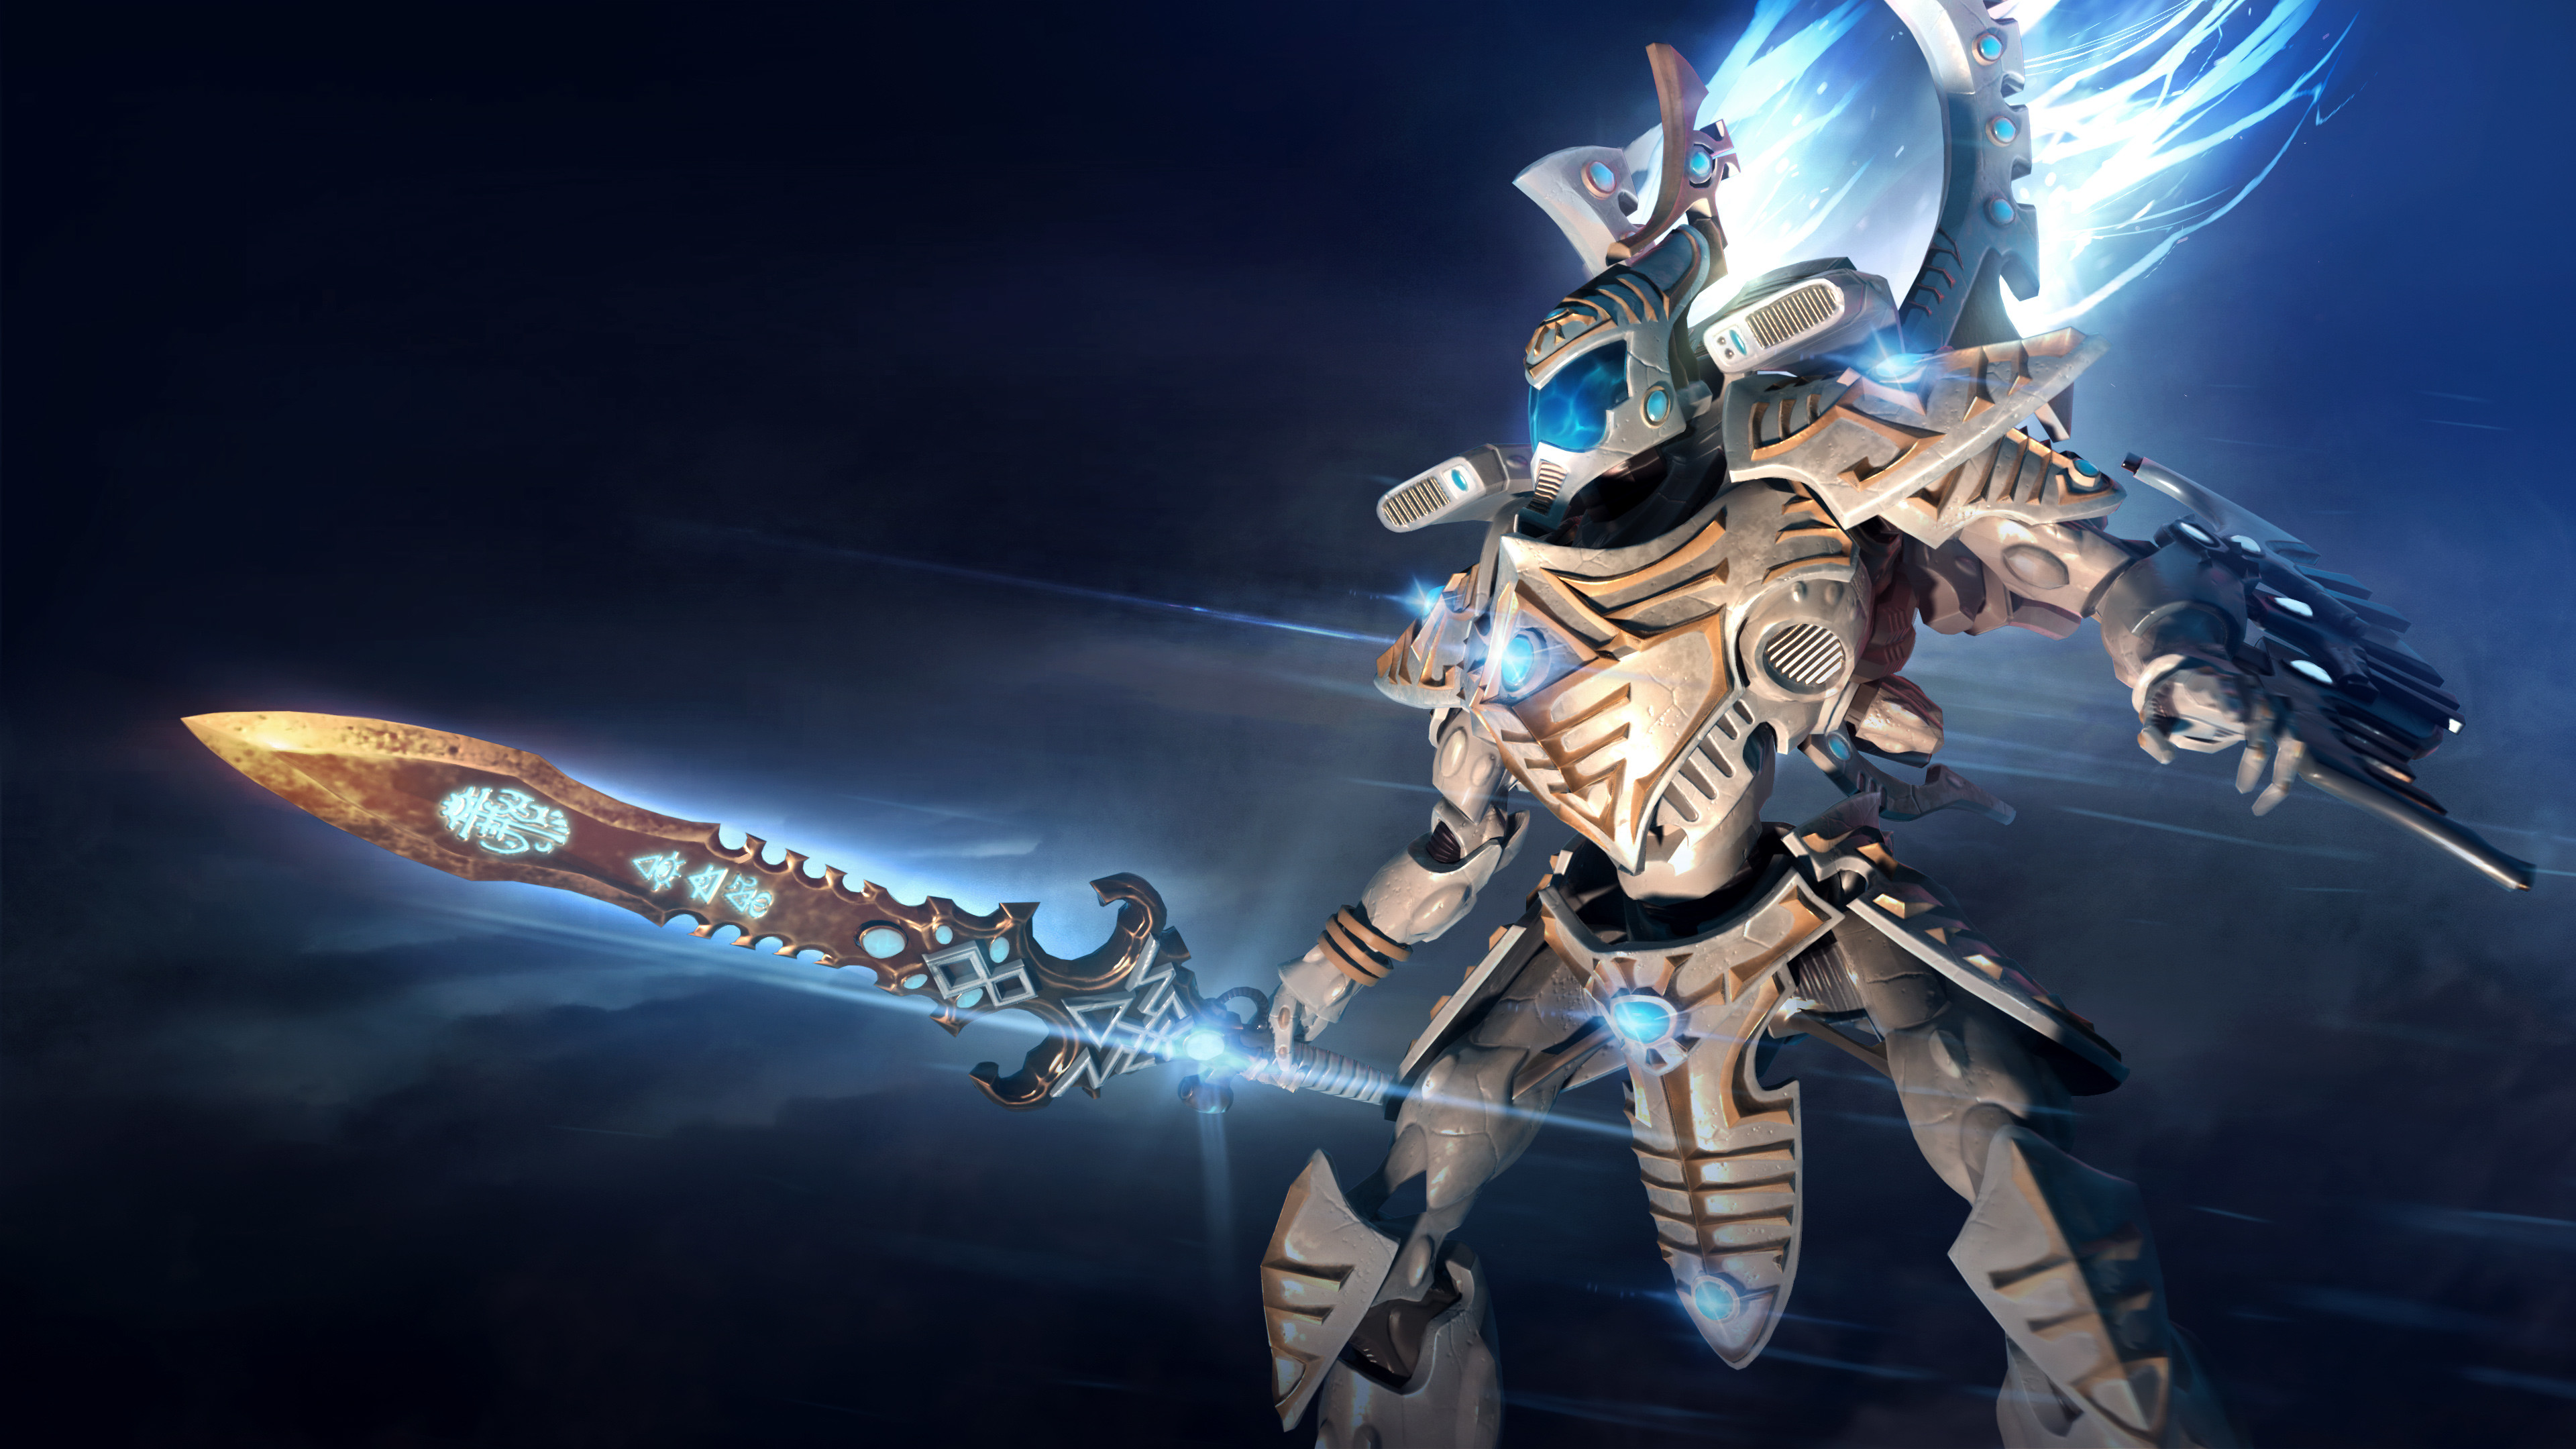 Warhammer 40K, Dawn of War III, Ghost Seer, Farseer Taldeer, 4K